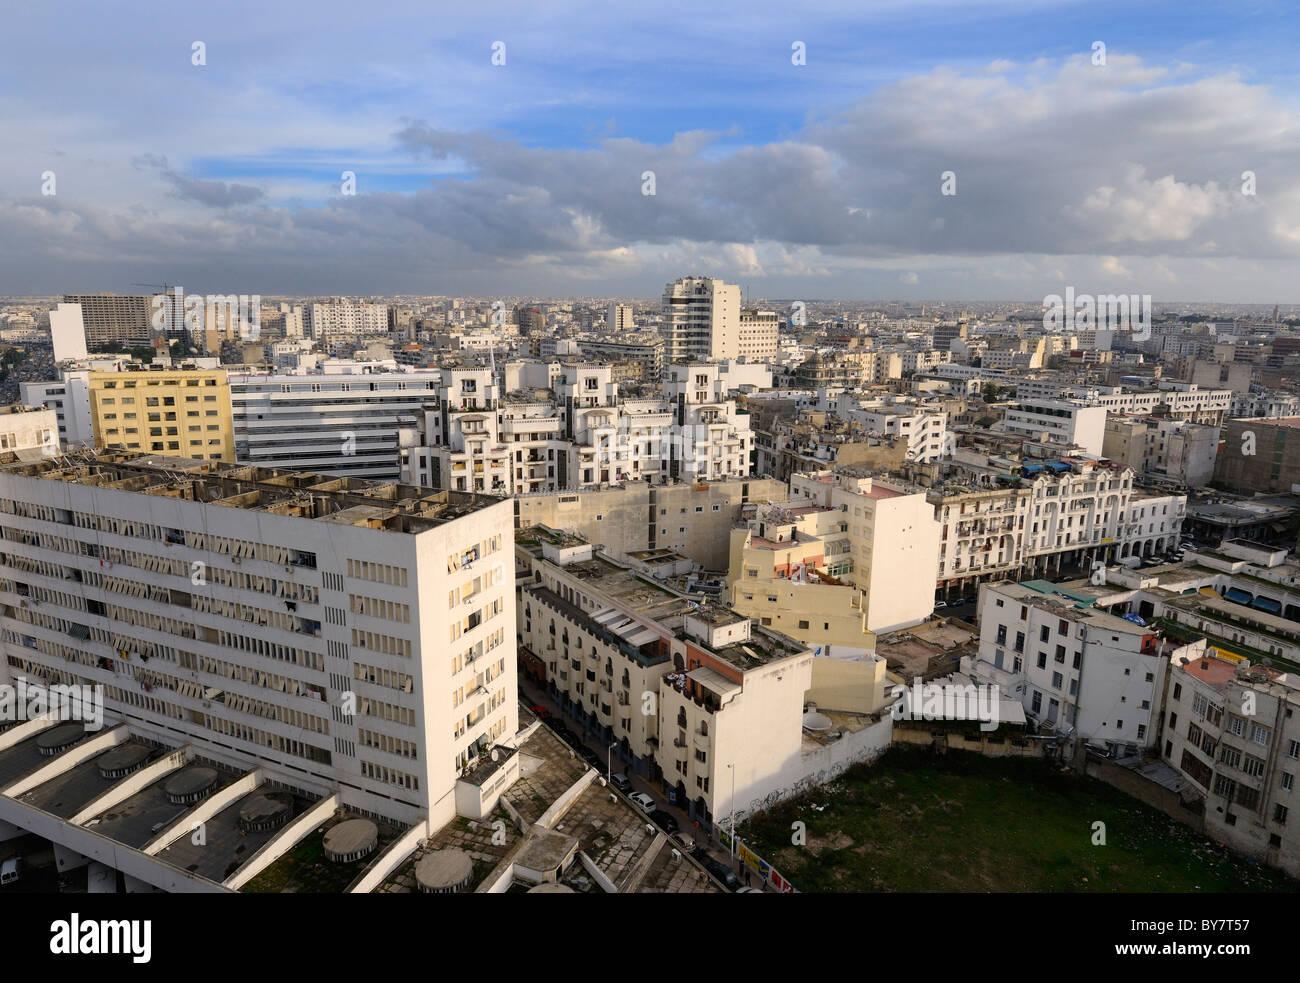 Sera vista guardando attraverso il bianco paesaggio urbano di Casablanca in Marocco Immagini Stock